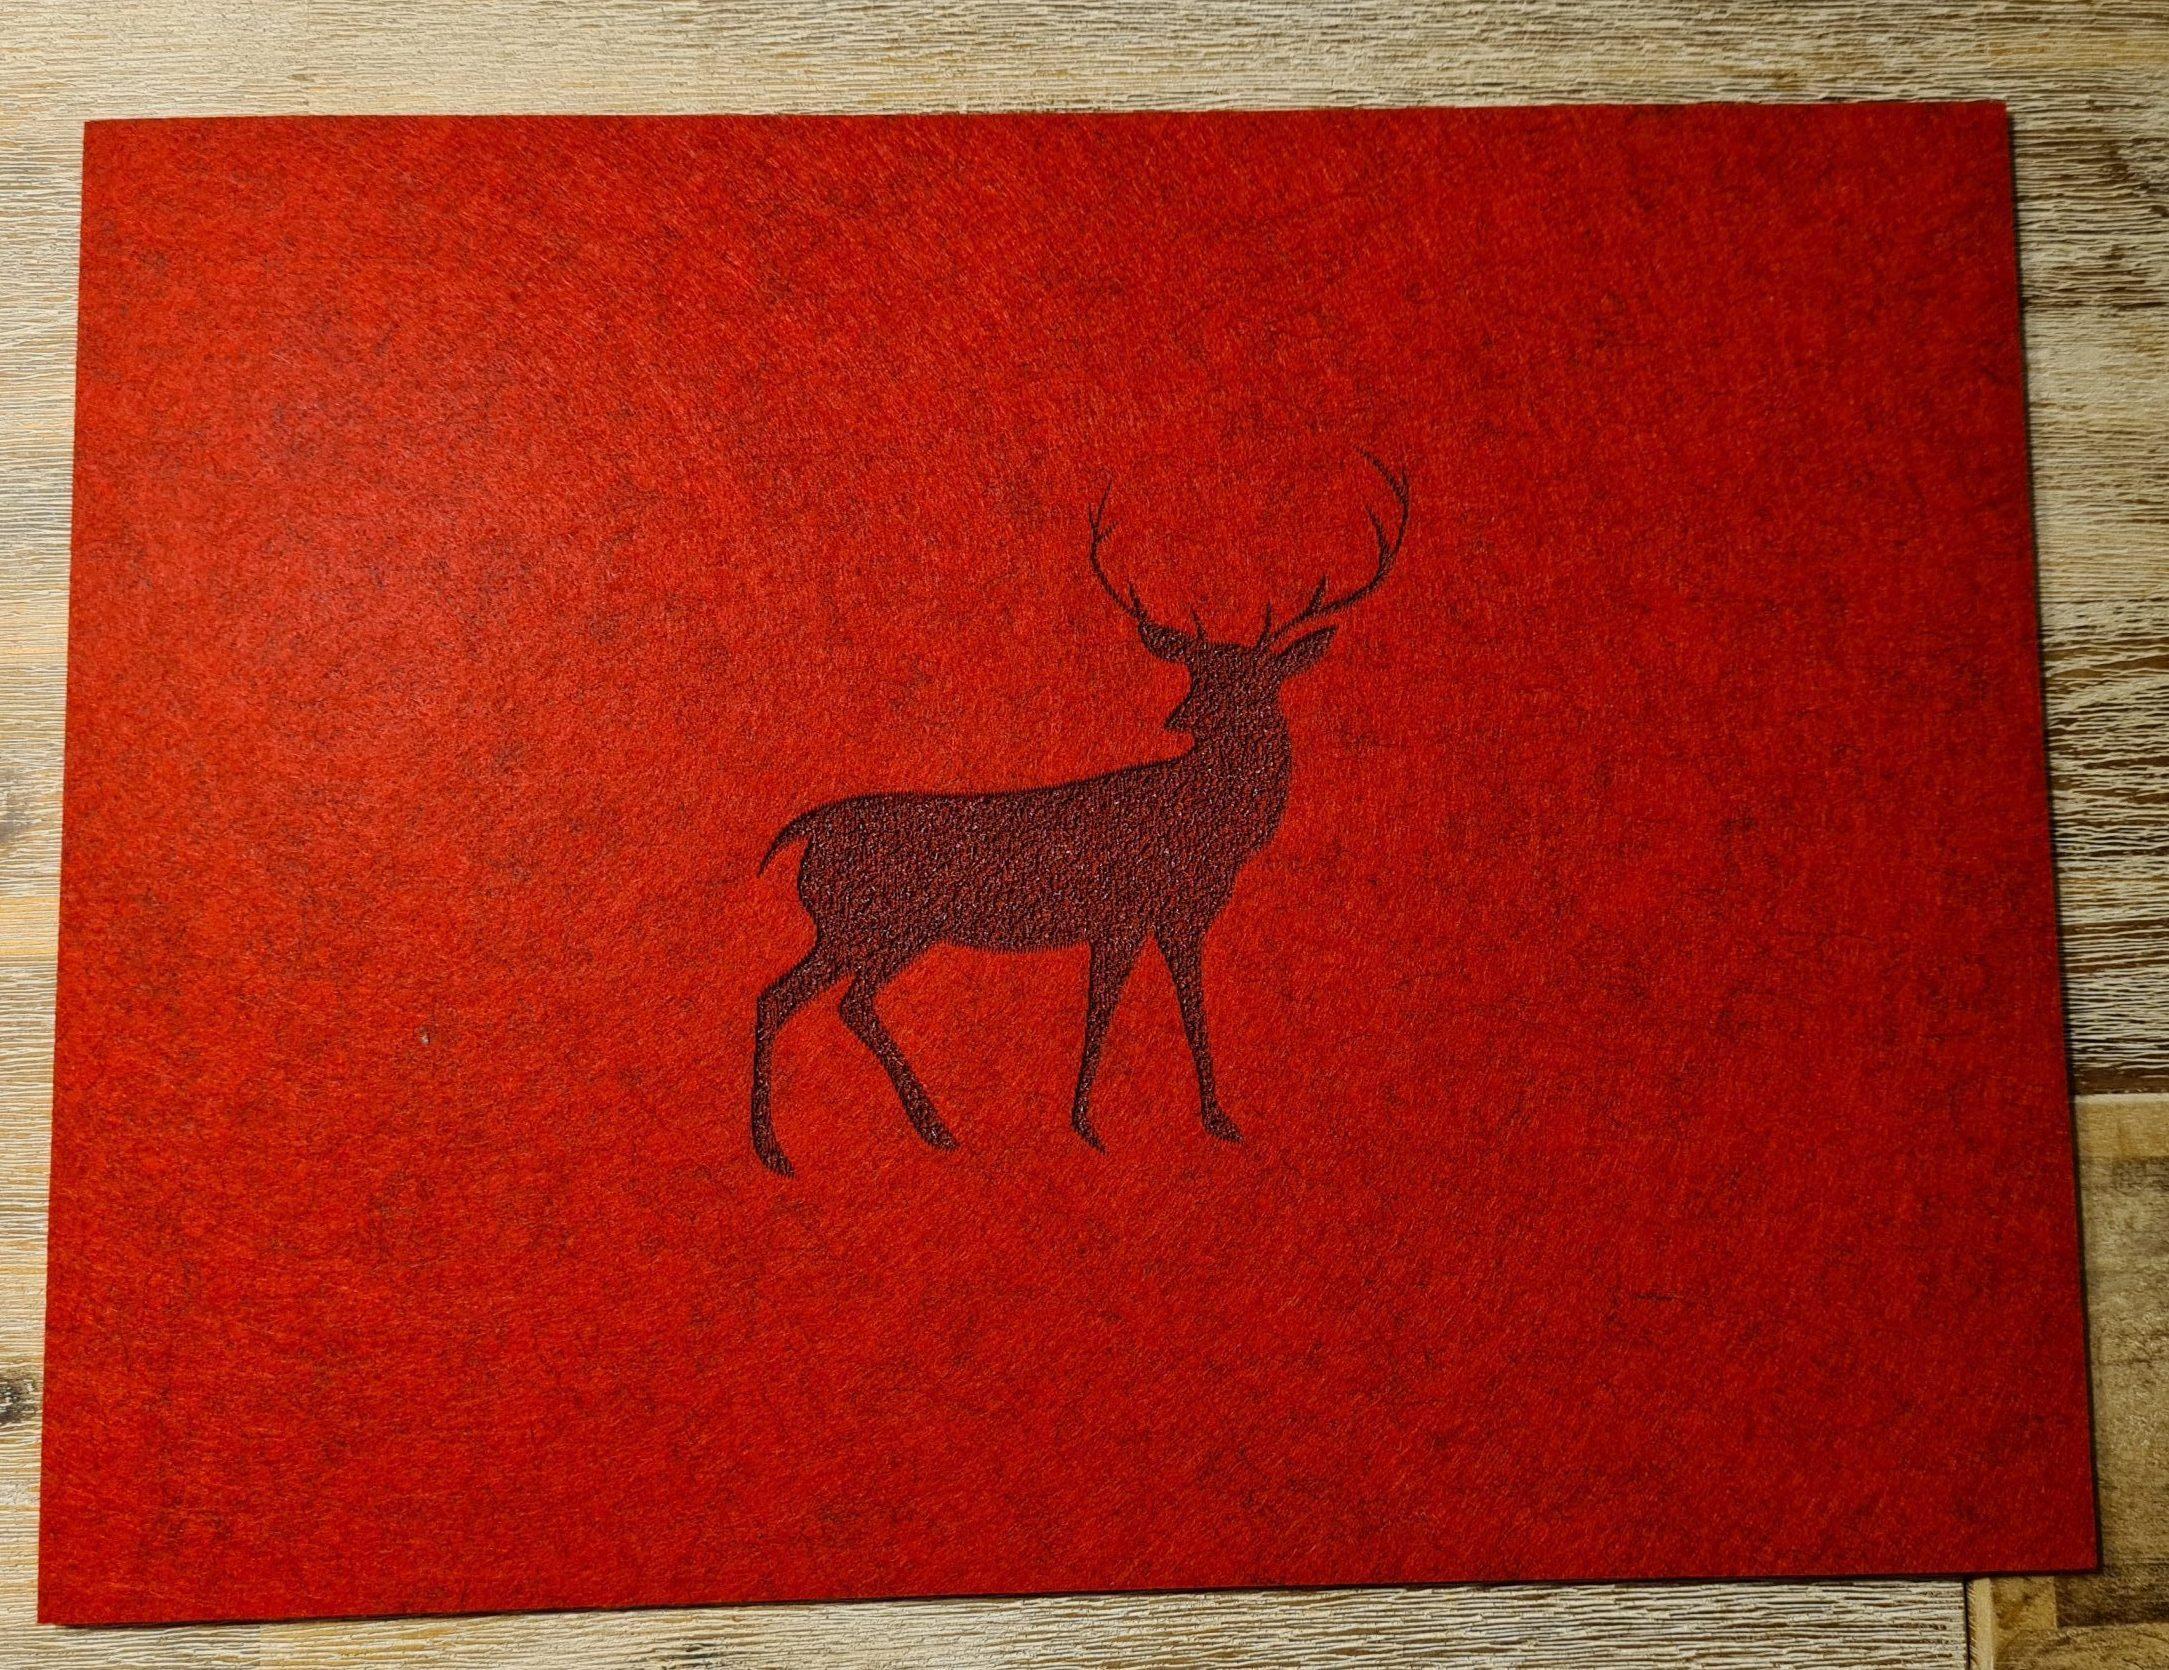 Roter Filz-Untersetzter mit Hirschaufdruck - Handgemachte individualisierbare Taschen, Körbe, Tischsets, Dekoartikel und mehr auf fideko.de der Onlineshop seit 2011